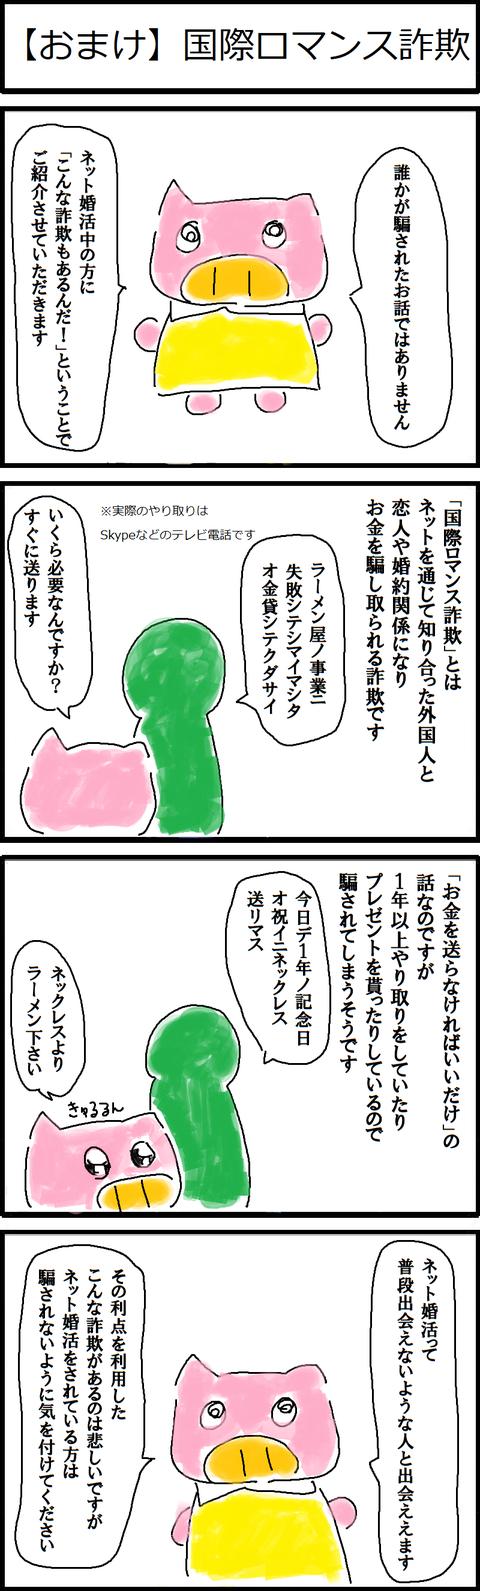 【おまけ】国際ロマンス詐欺